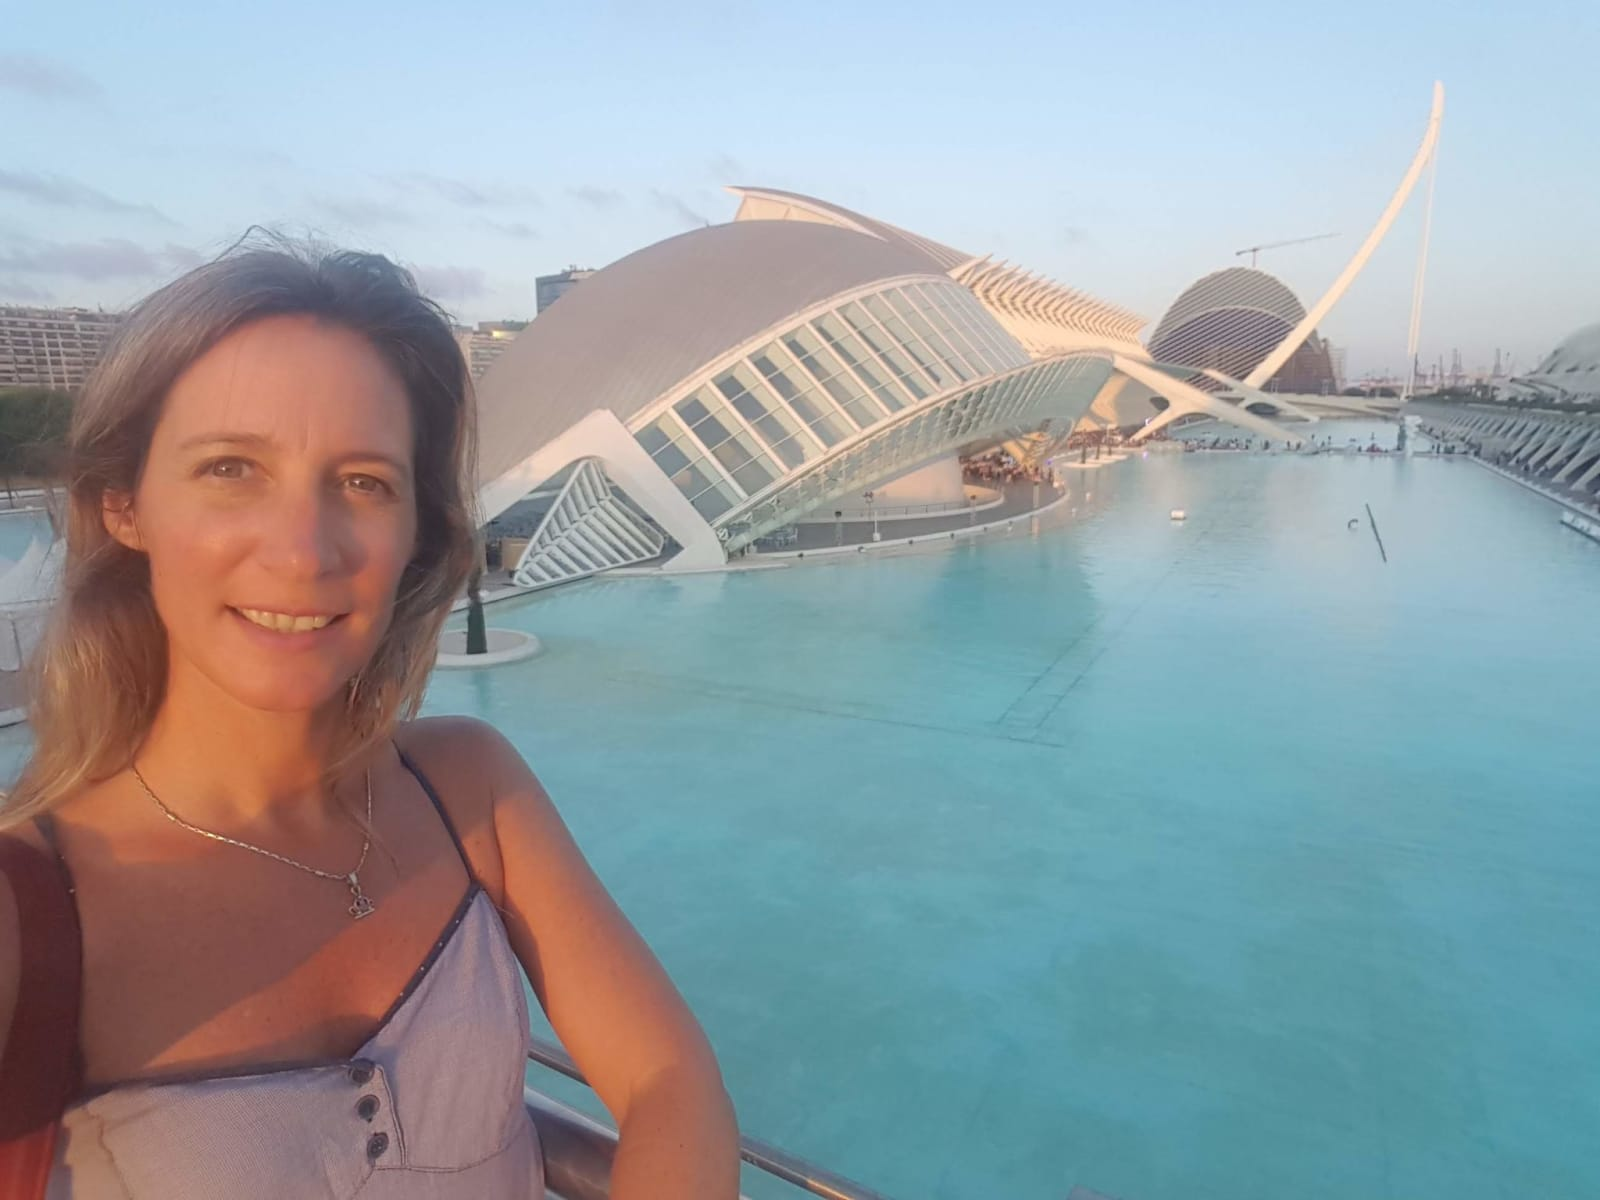 Betiana from Valencia, Spain